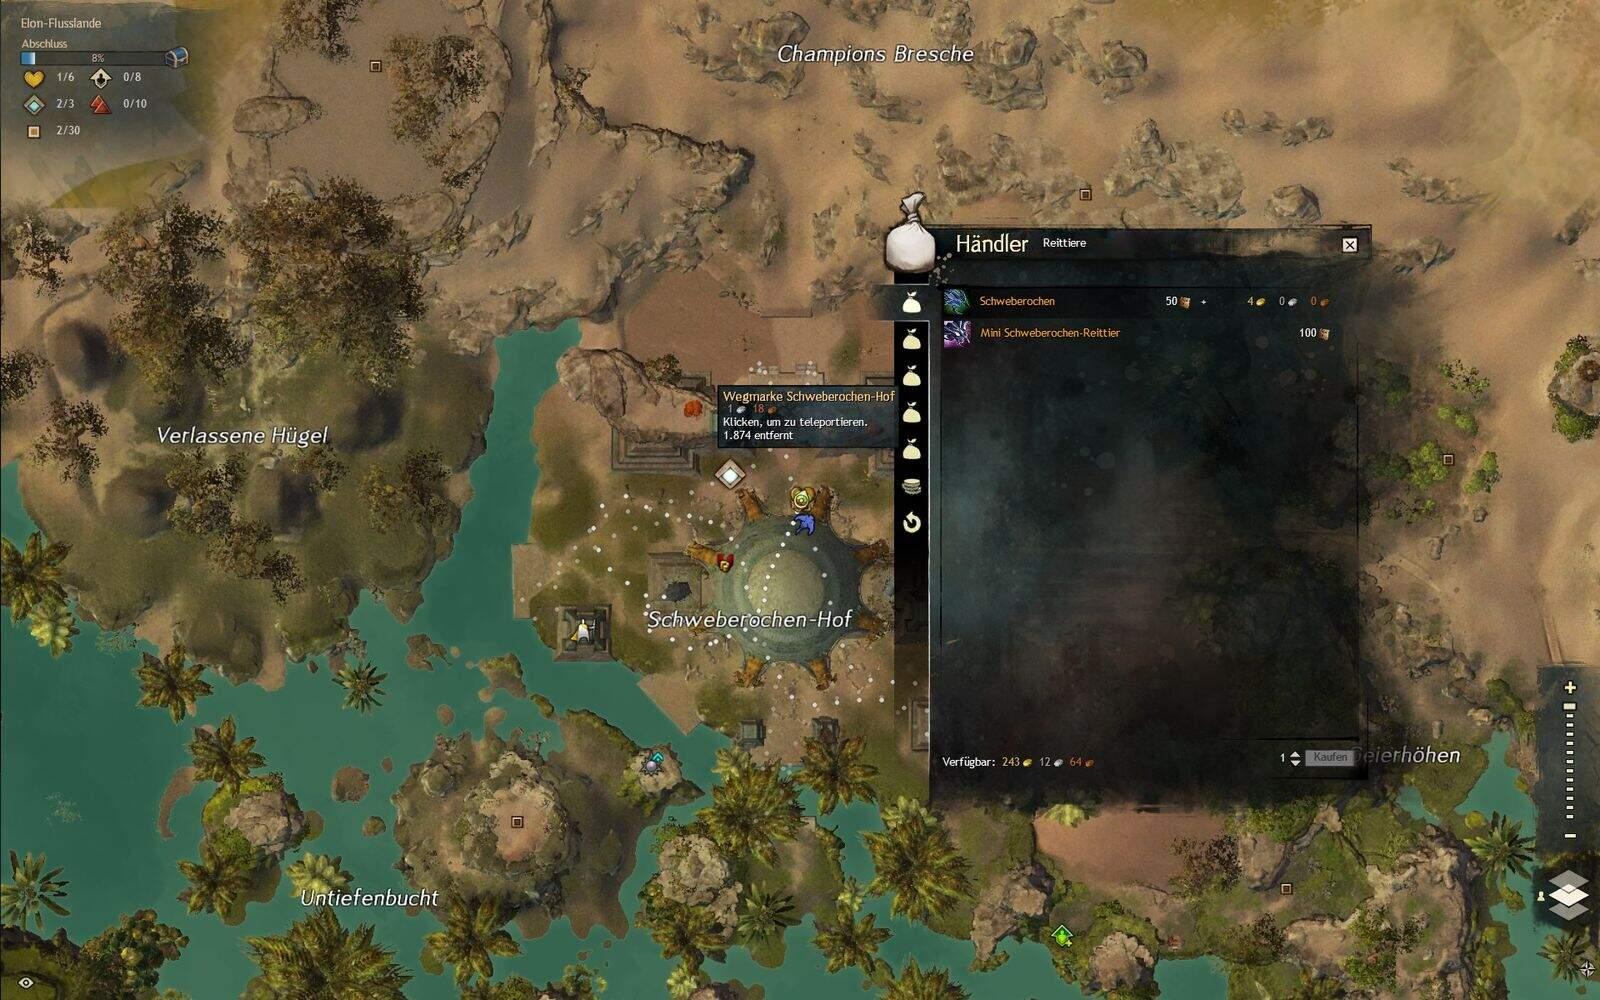 Guild Wars 2: Path of Fire Schweberochen Fundort und Kosten